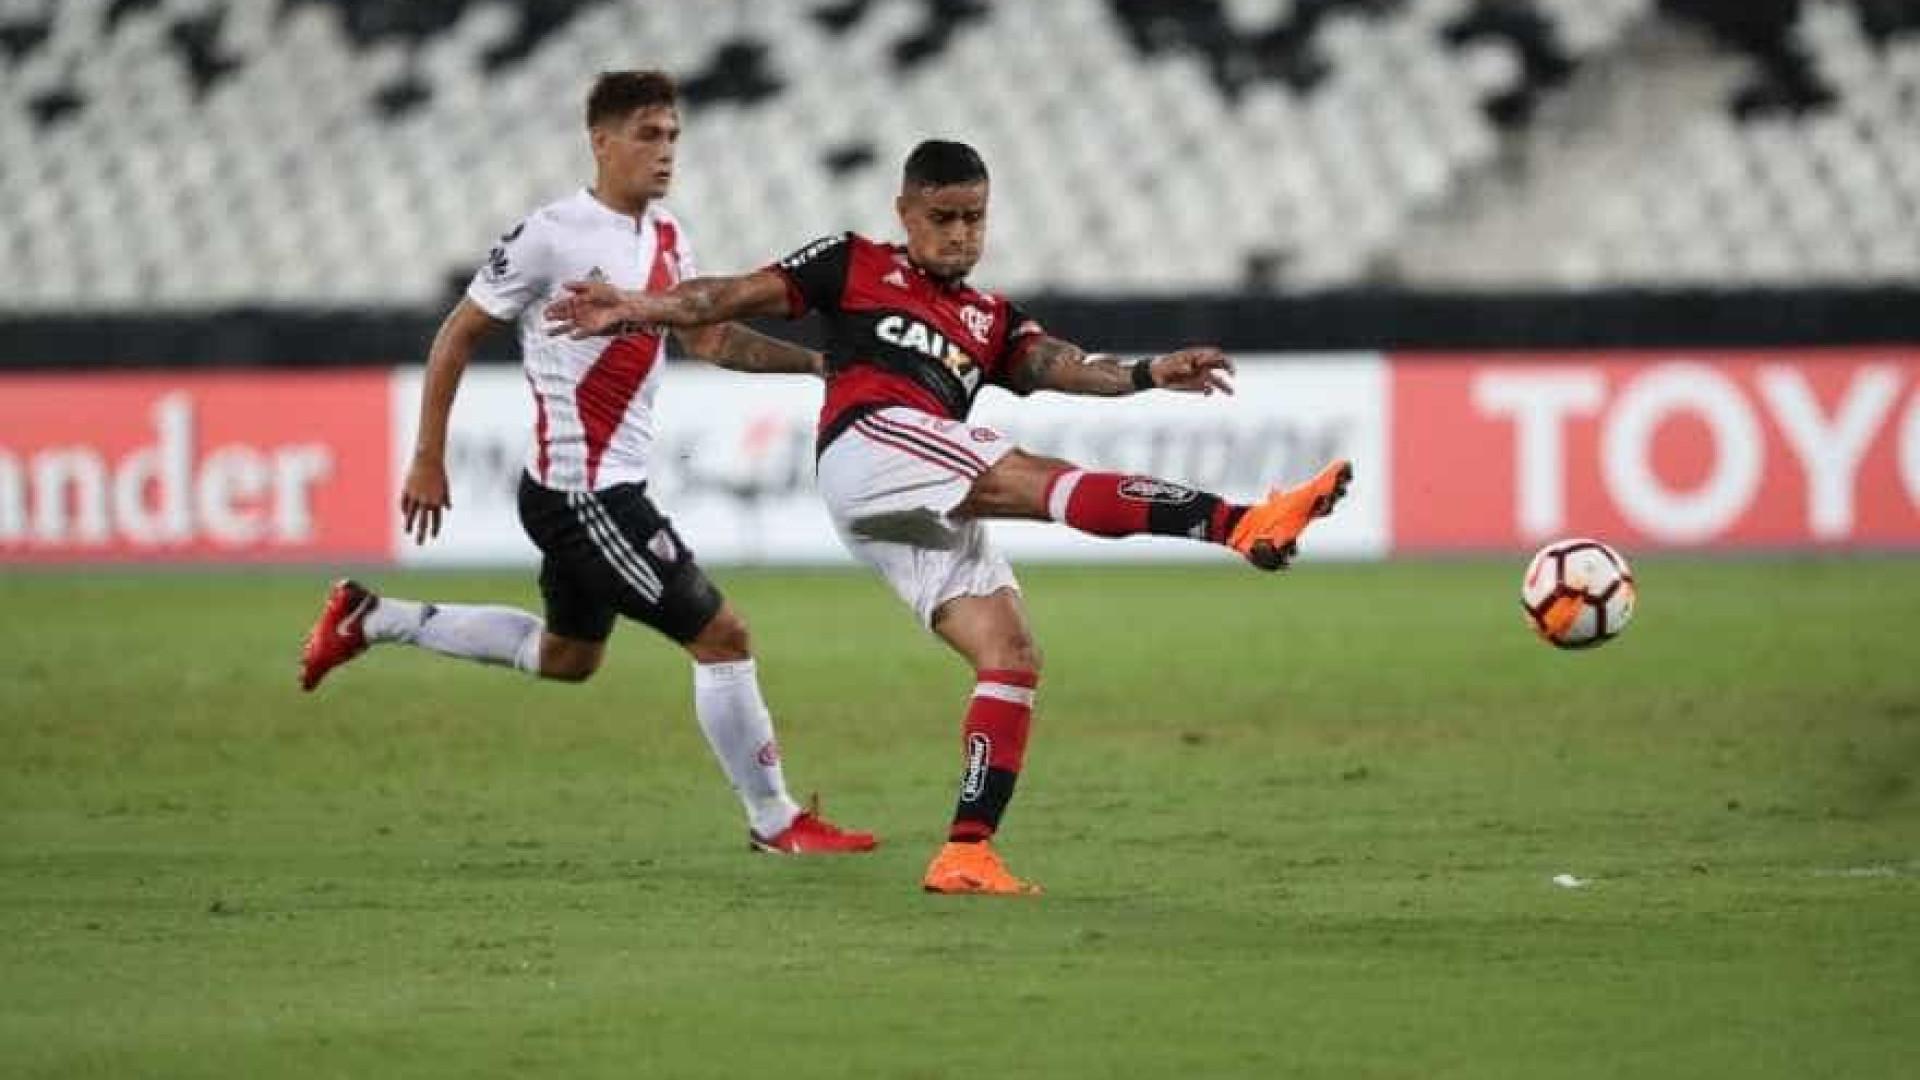 Com portões fechados, Flamengo leva empate no fim do River Plate